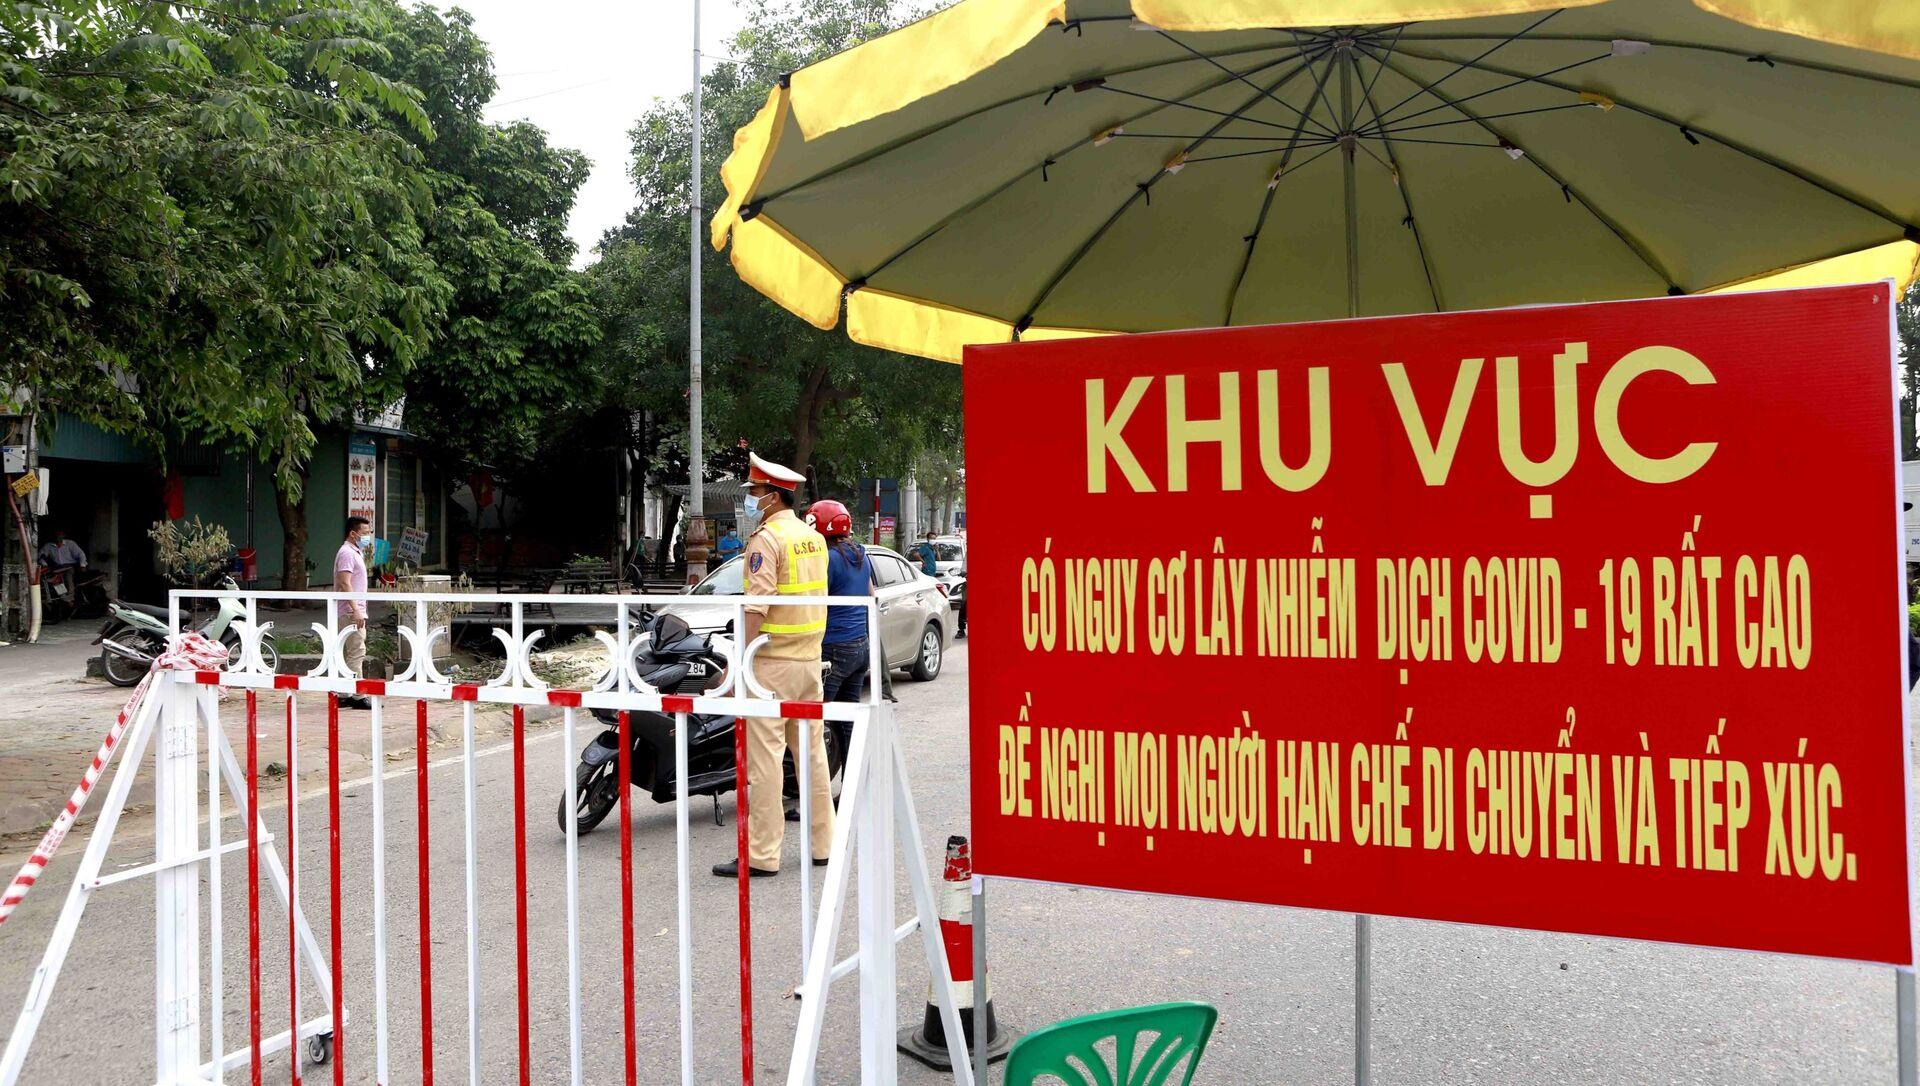 Vĩnh Phúc lập 11 chốt kiểm soát dịch COVID-19 các tuyến đường vào thành phố Vĩnh Yên - Sputnik Việt Nam, 1920, 12.05.2021